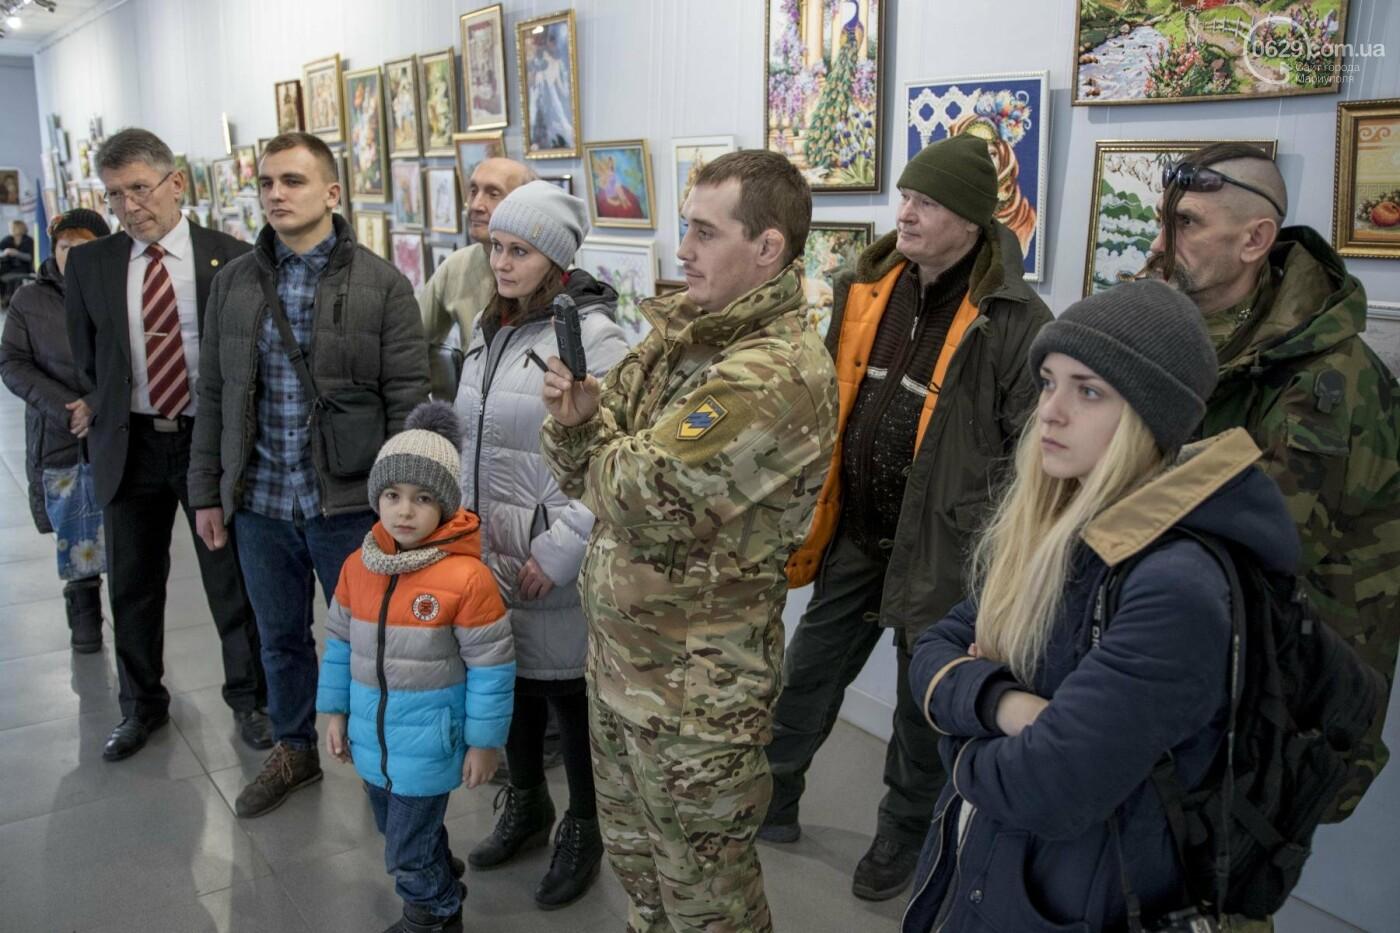 Фотовыставка «Два столетия, одна война»: в Мариуполе провели параллель между войной на Донбассе и борьбой УПА (ФОТО, ВИДЕО), фото-9